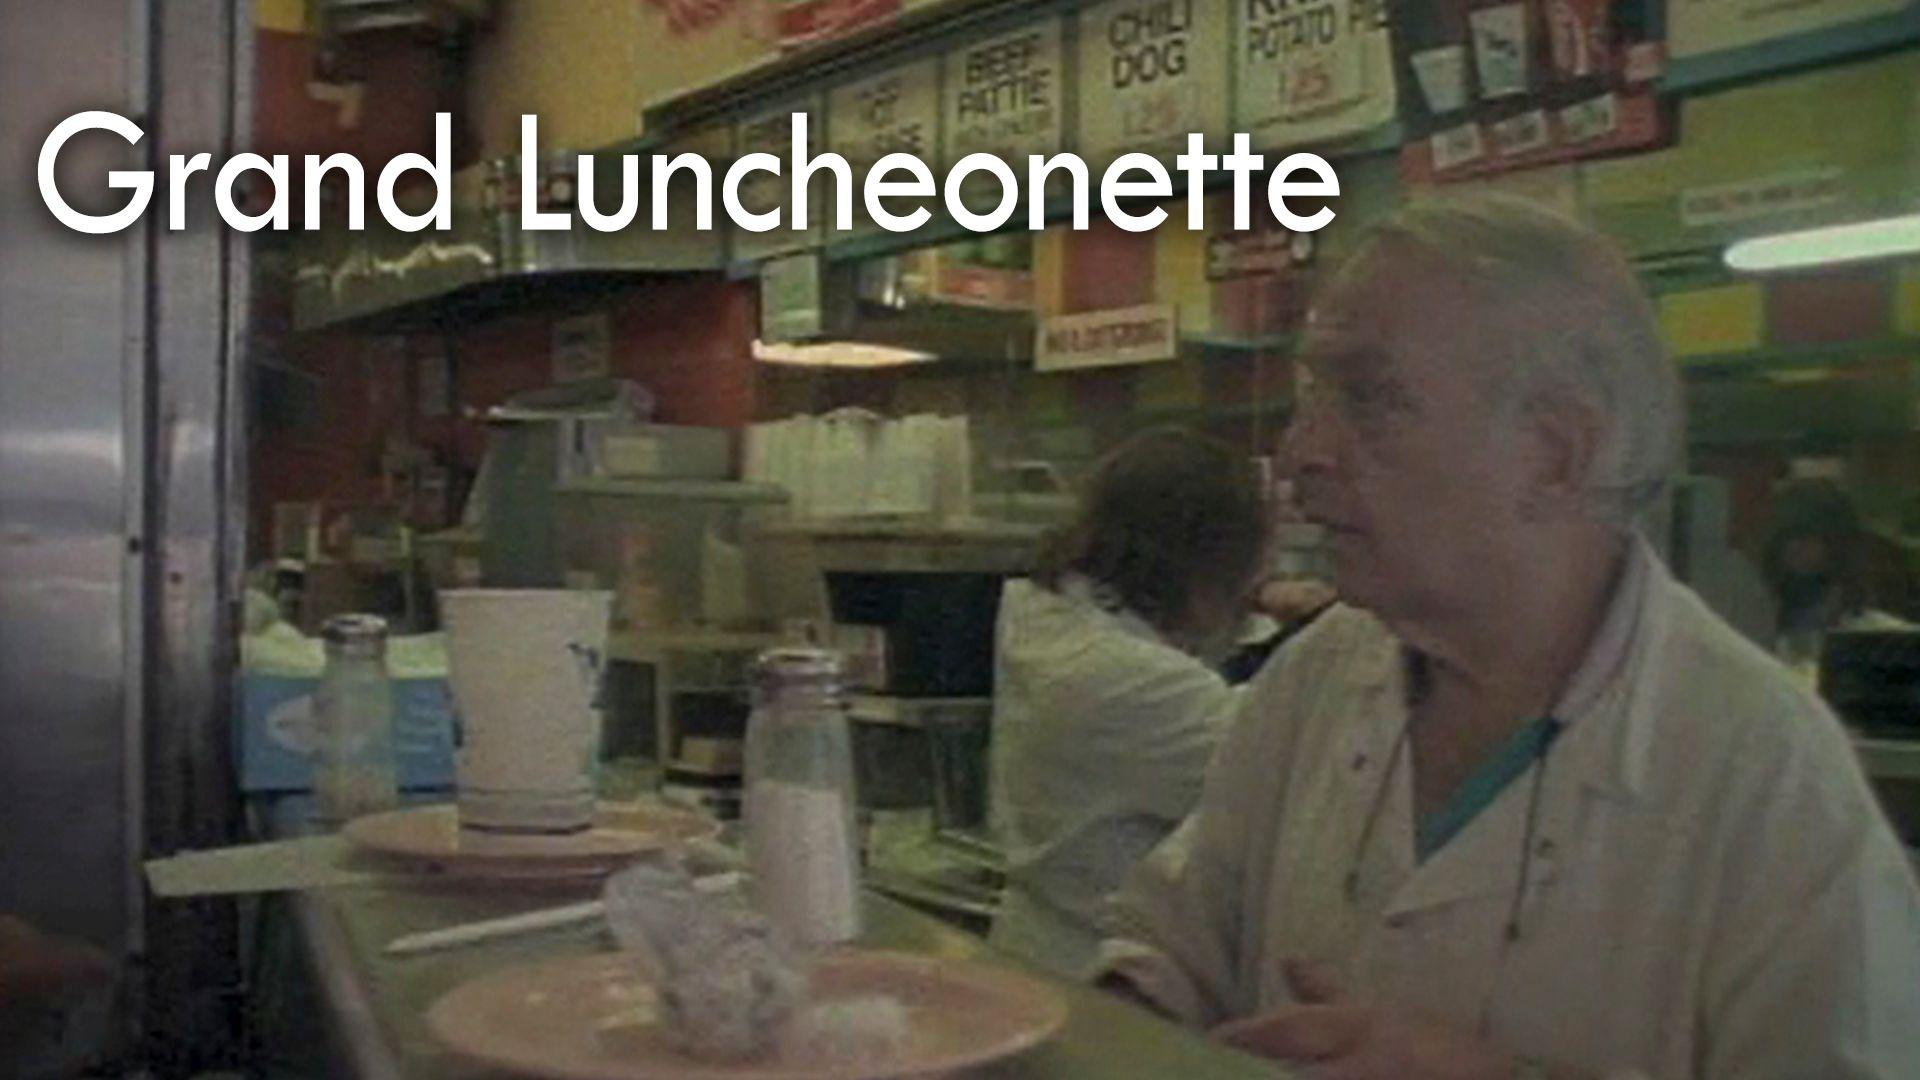 Grand Luncheonette